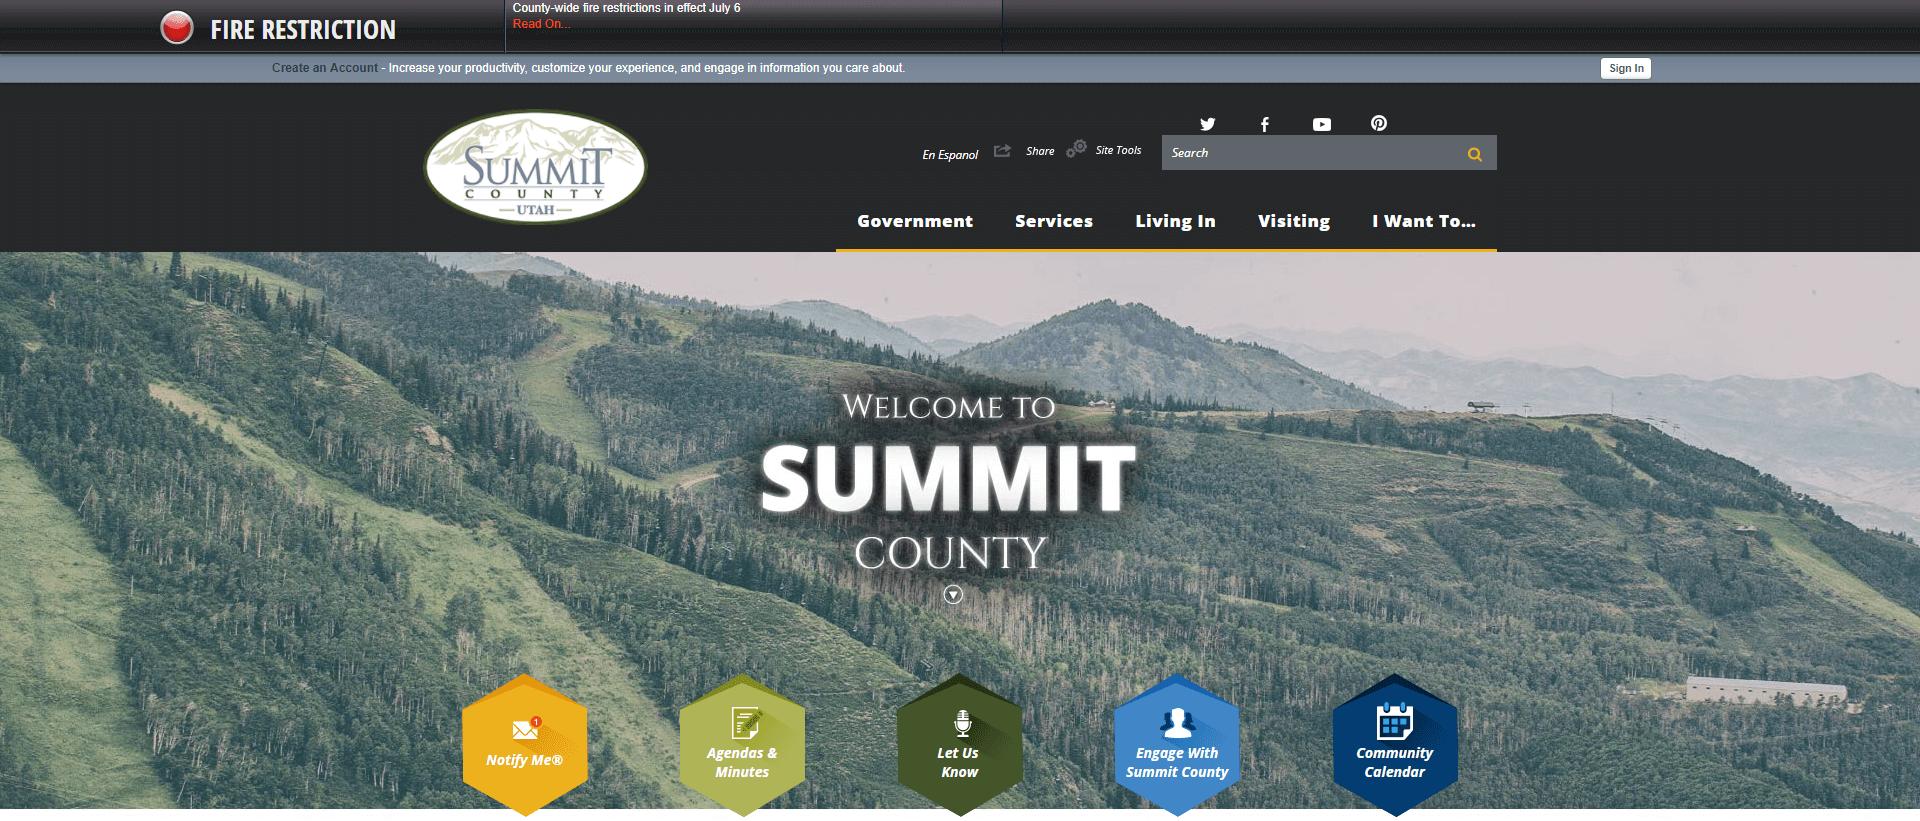 2016_Digital_Counties_Survey_Winners_Summit_UT_crop_sm.png